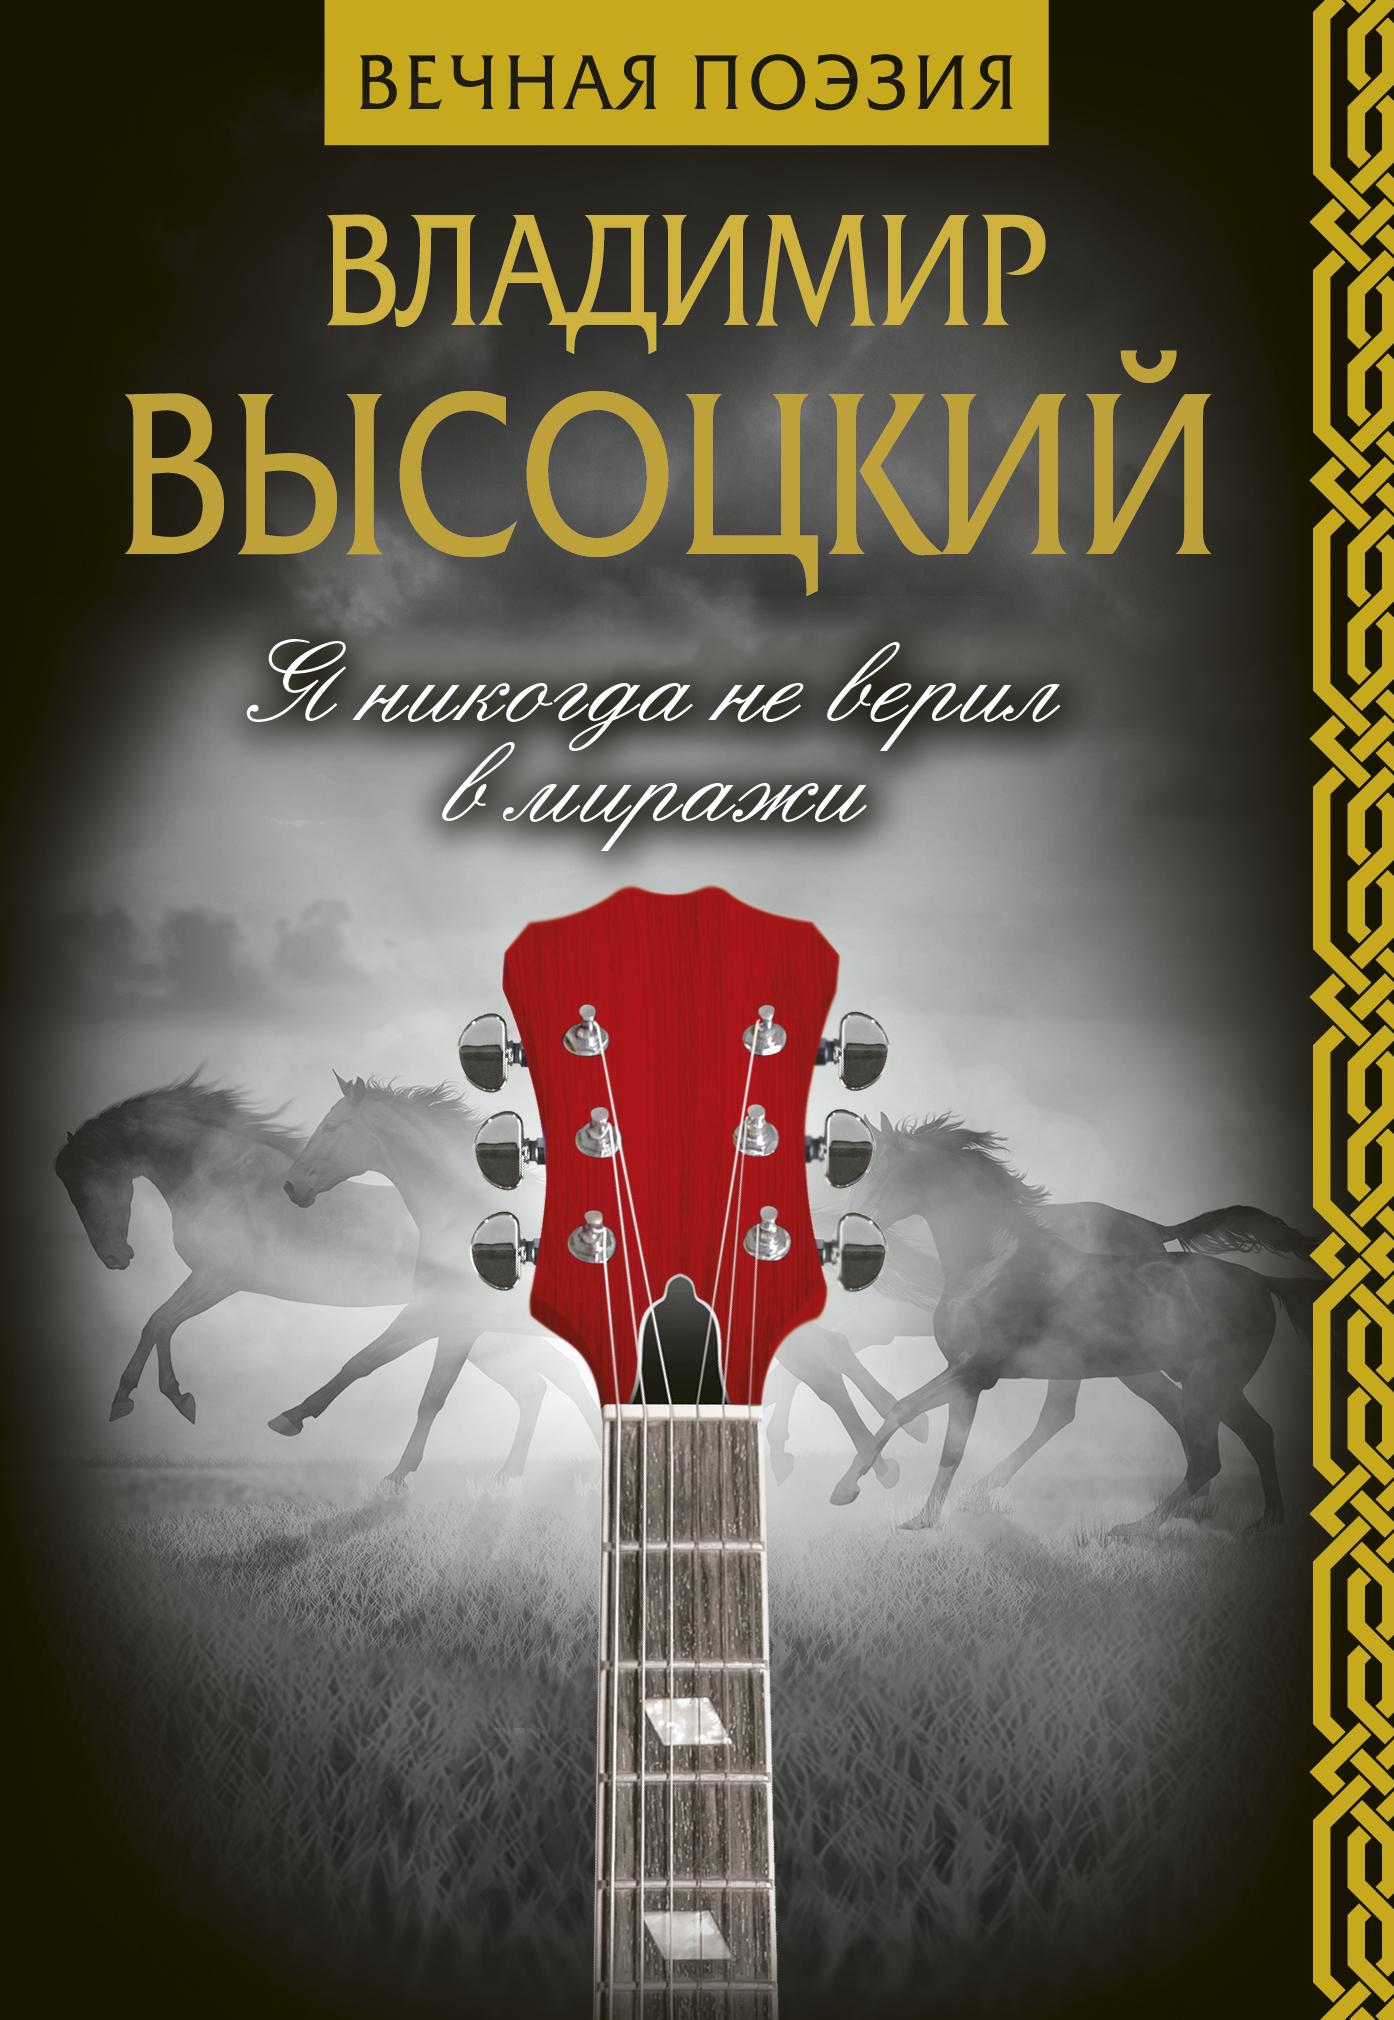 Владимир Высоцкий Я никогда не верил в миражи ольга шилина владимир высоцкий и музыка я изучил все ноты от и до